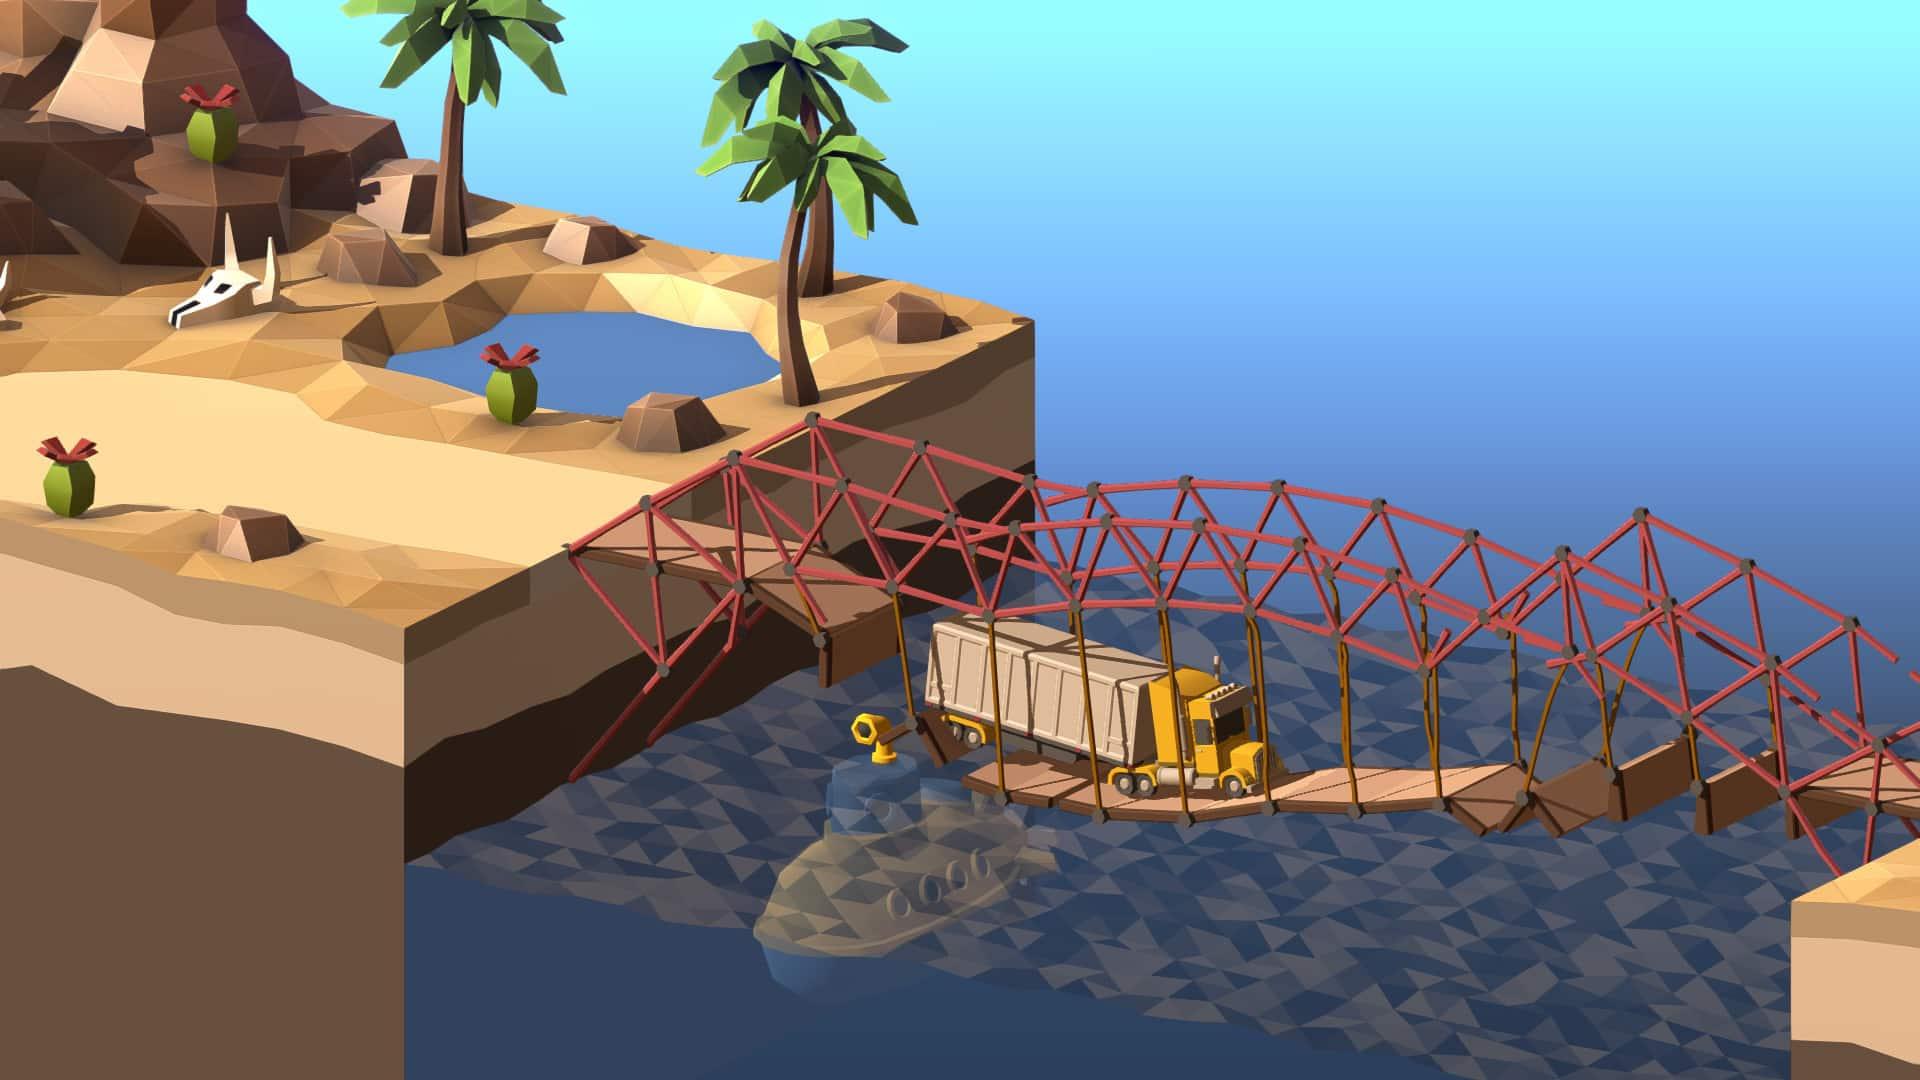 تحميل لعبة poly bridge 2 مجانا الآن